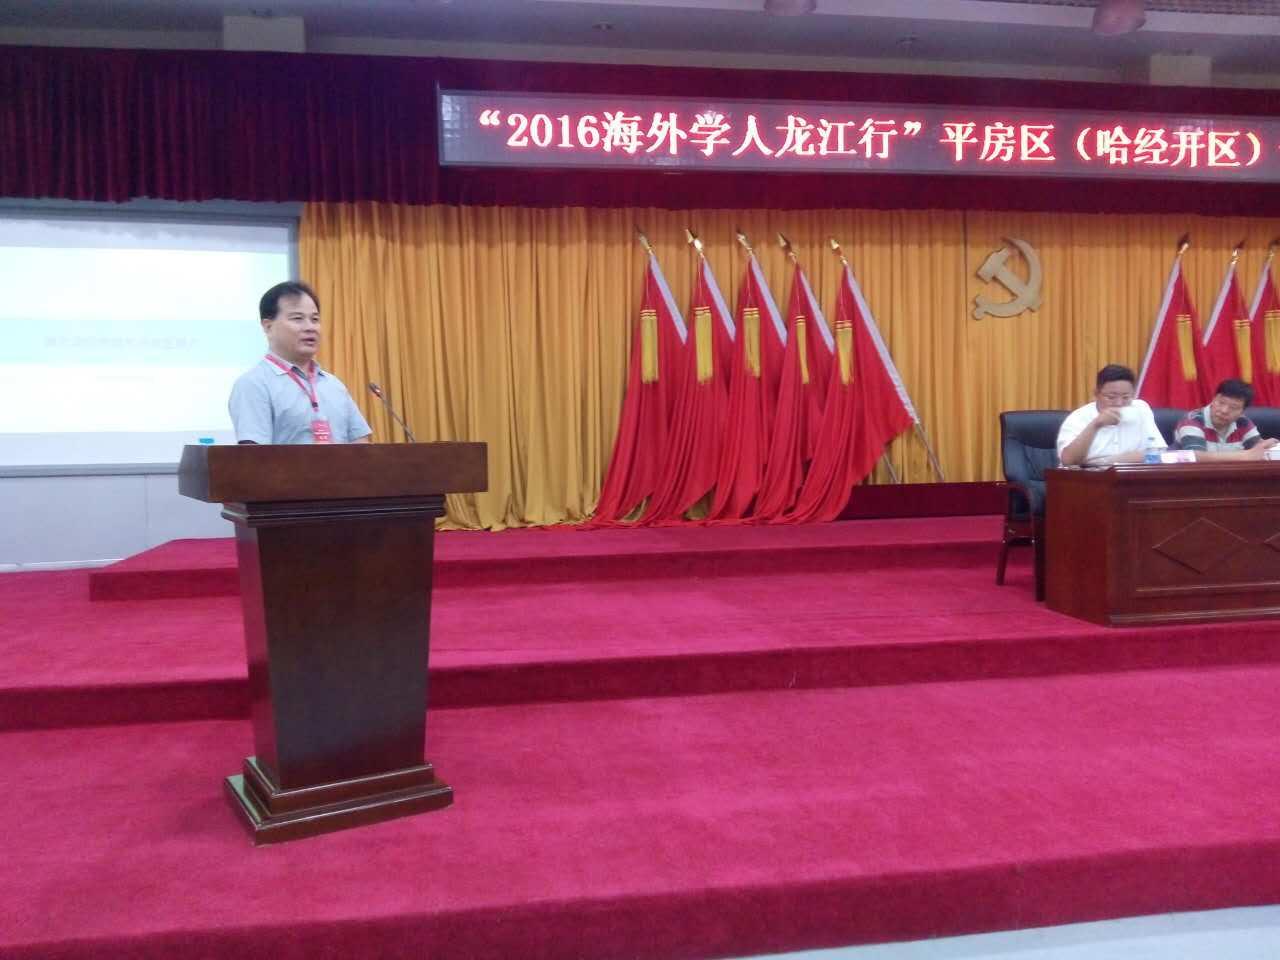 张老师应邀参加了2016海外学人龙江行活动